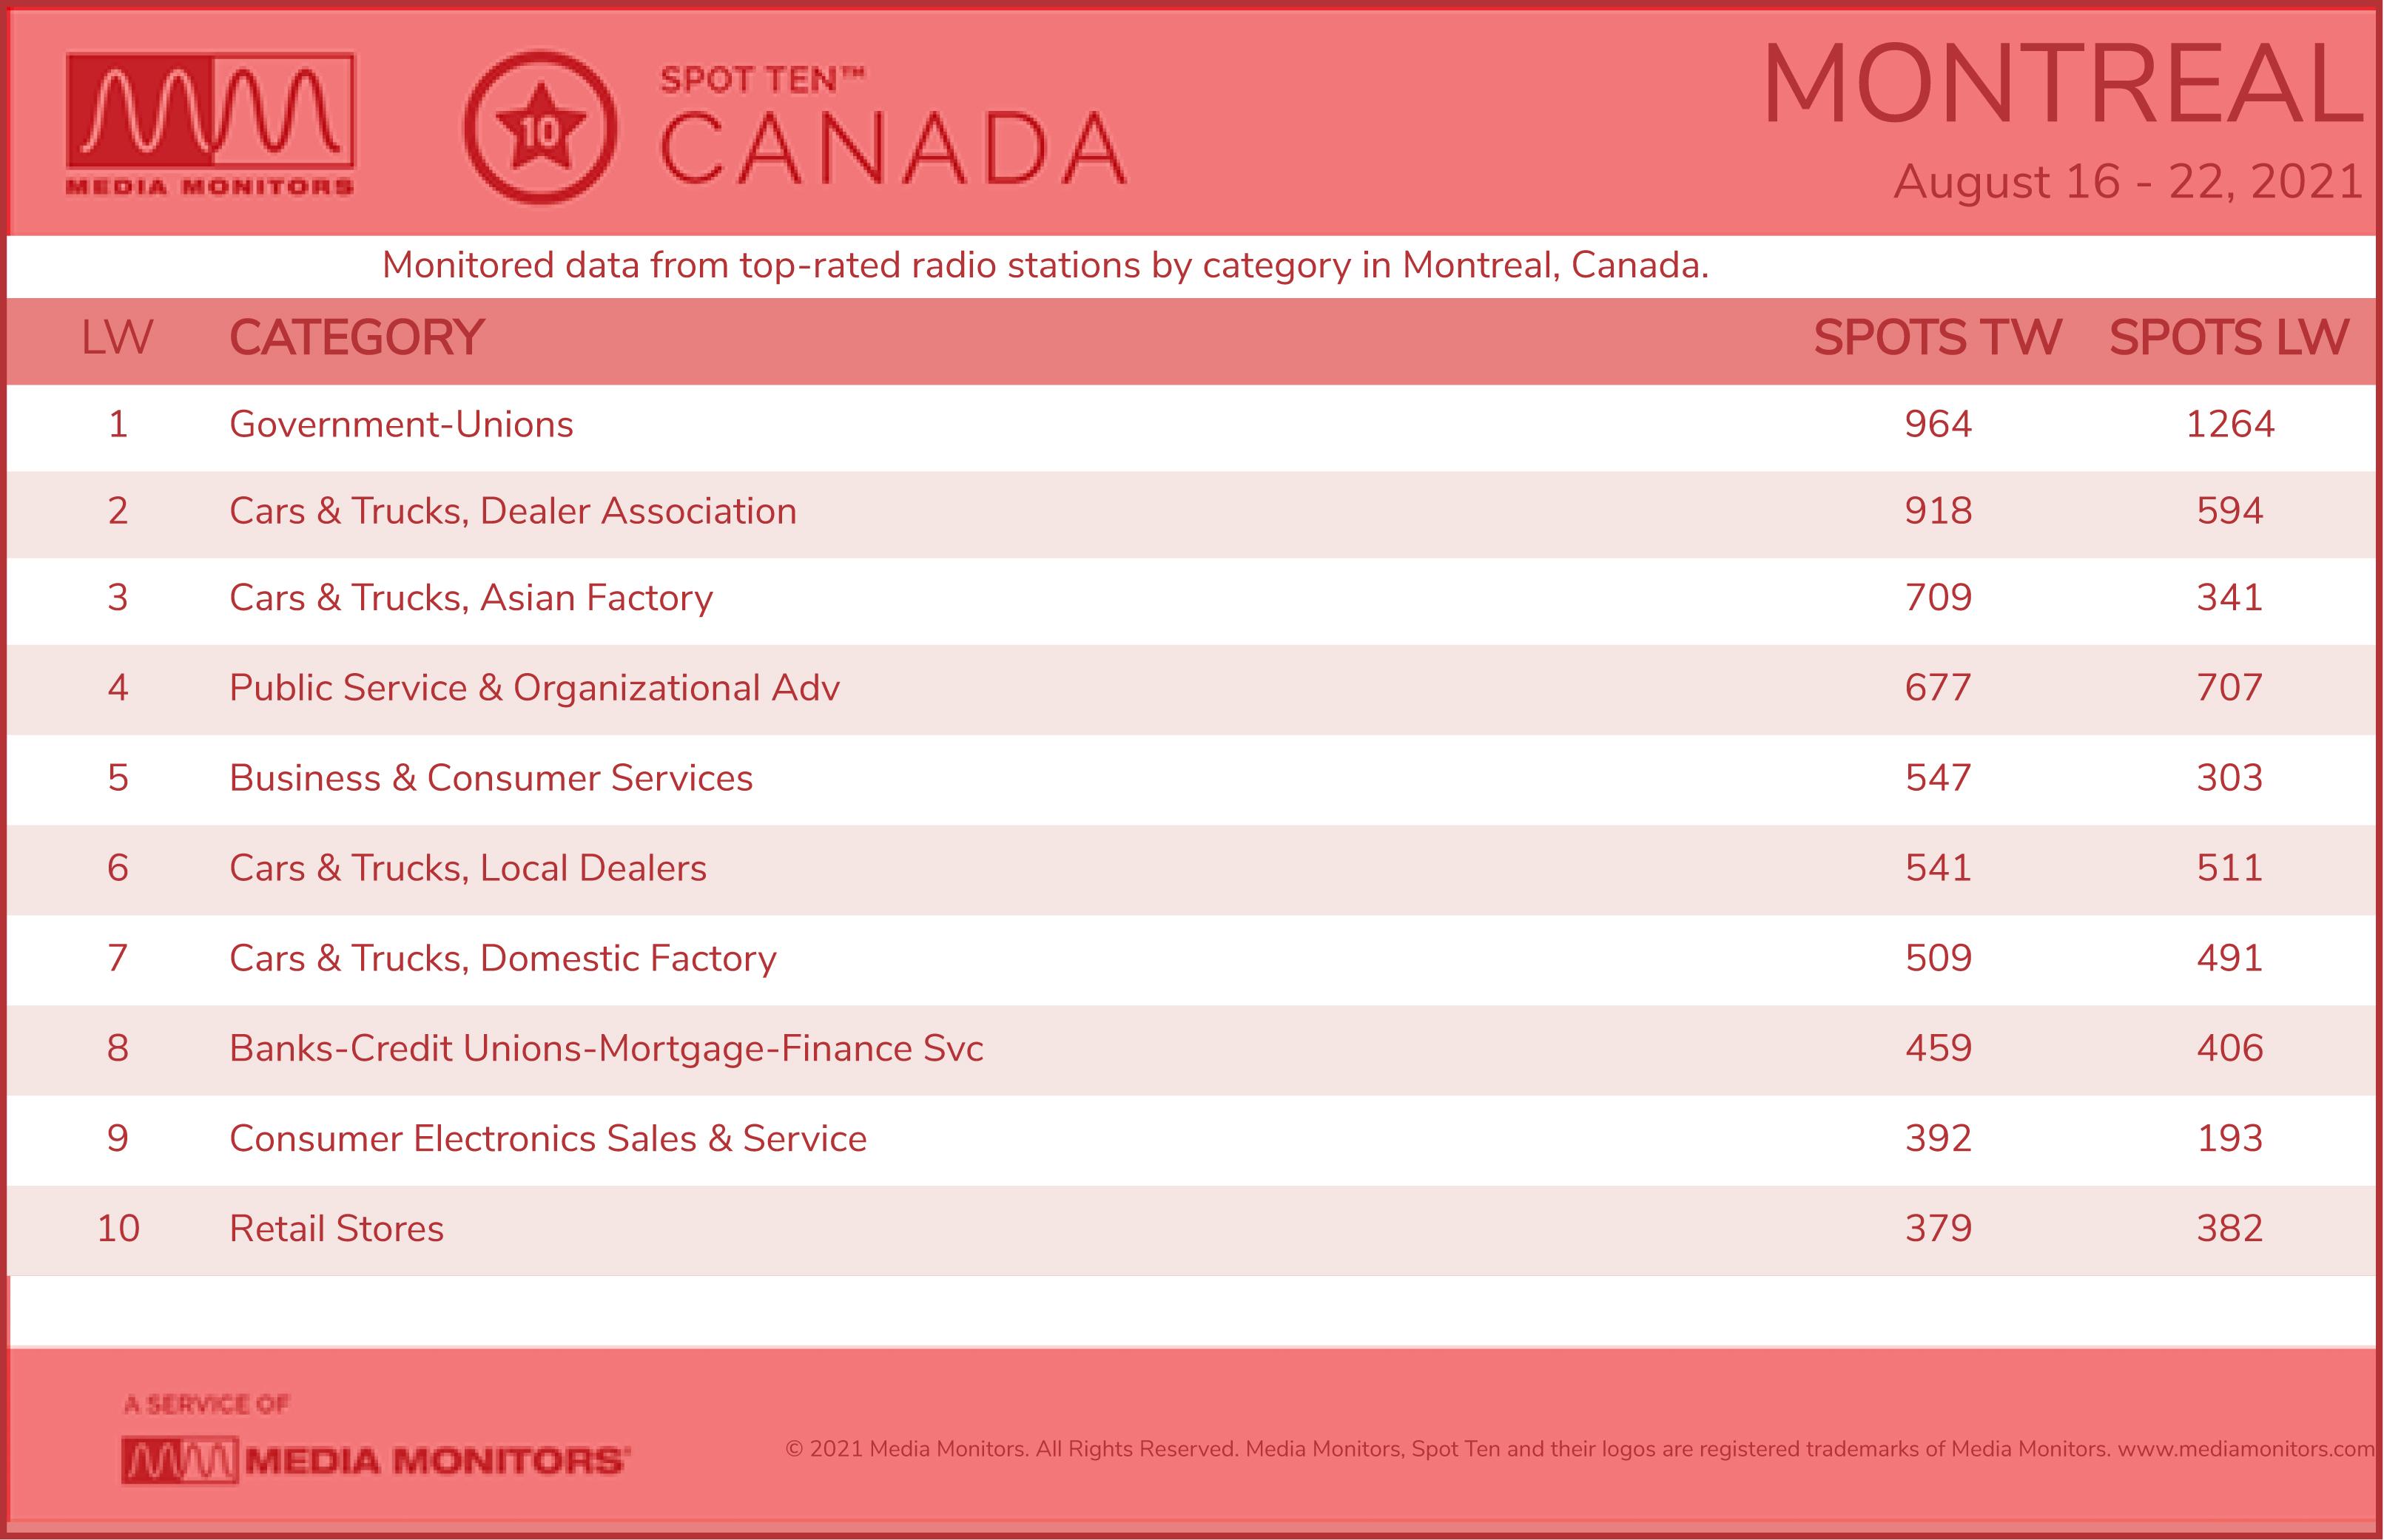 MontrealCategories-2021-Aug16-22